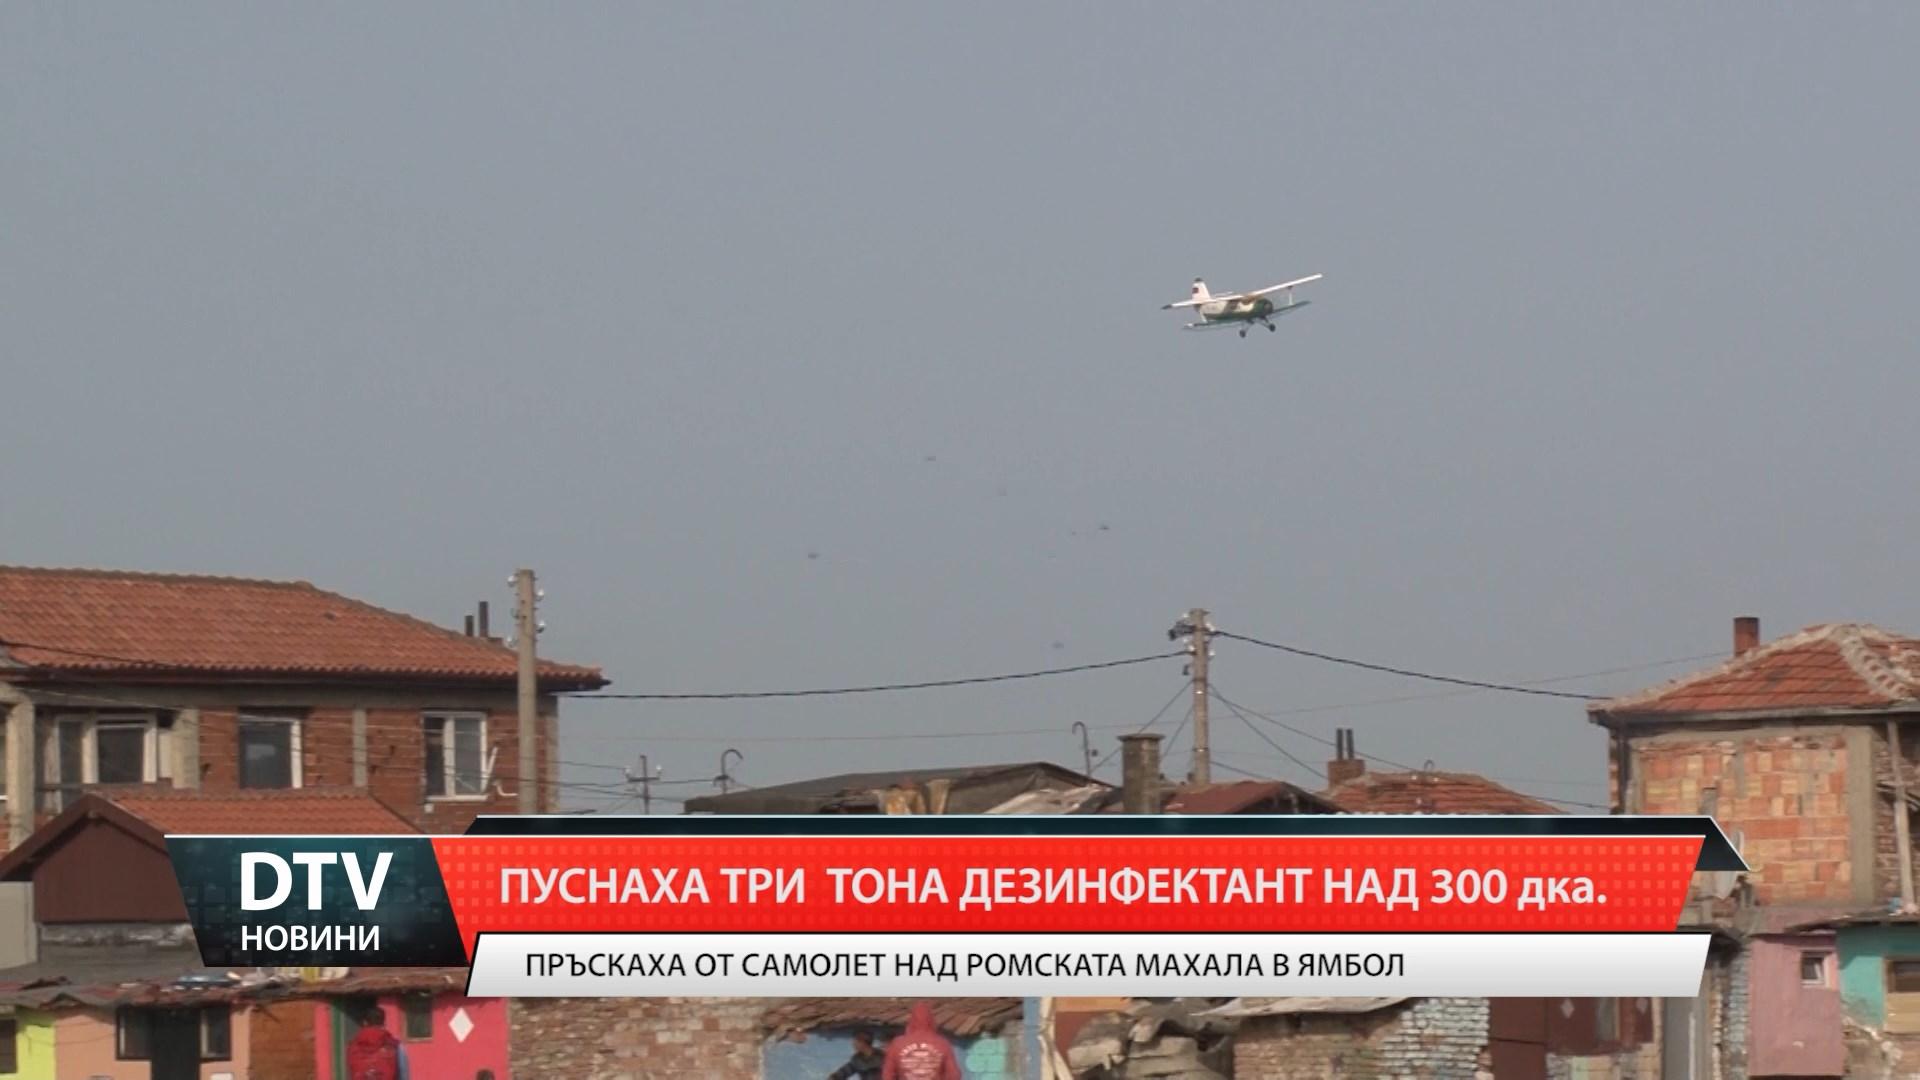 Дезинфектираха  от въздуха ромската махала в Ямбол.Пръснати бяха 3 тона дезинфектант